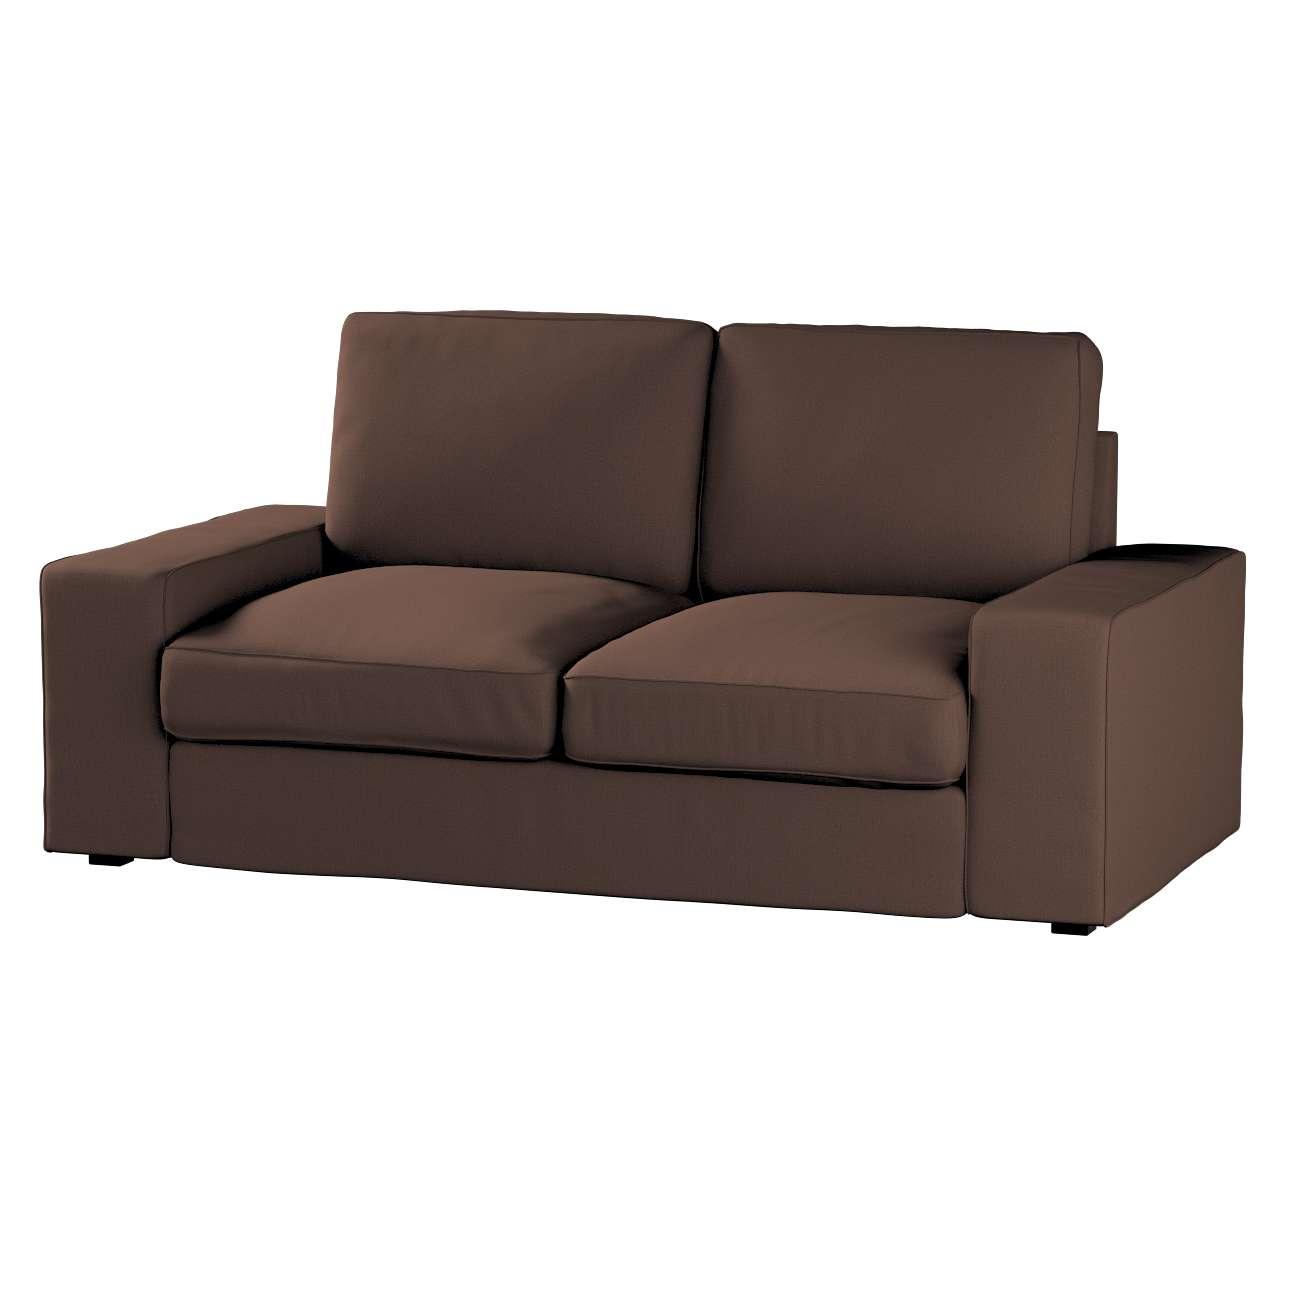 Pokrowiec na sofę Kivik 2-osobową, nierozkładaną w kolekcji Bergen, tkanina: 161-73